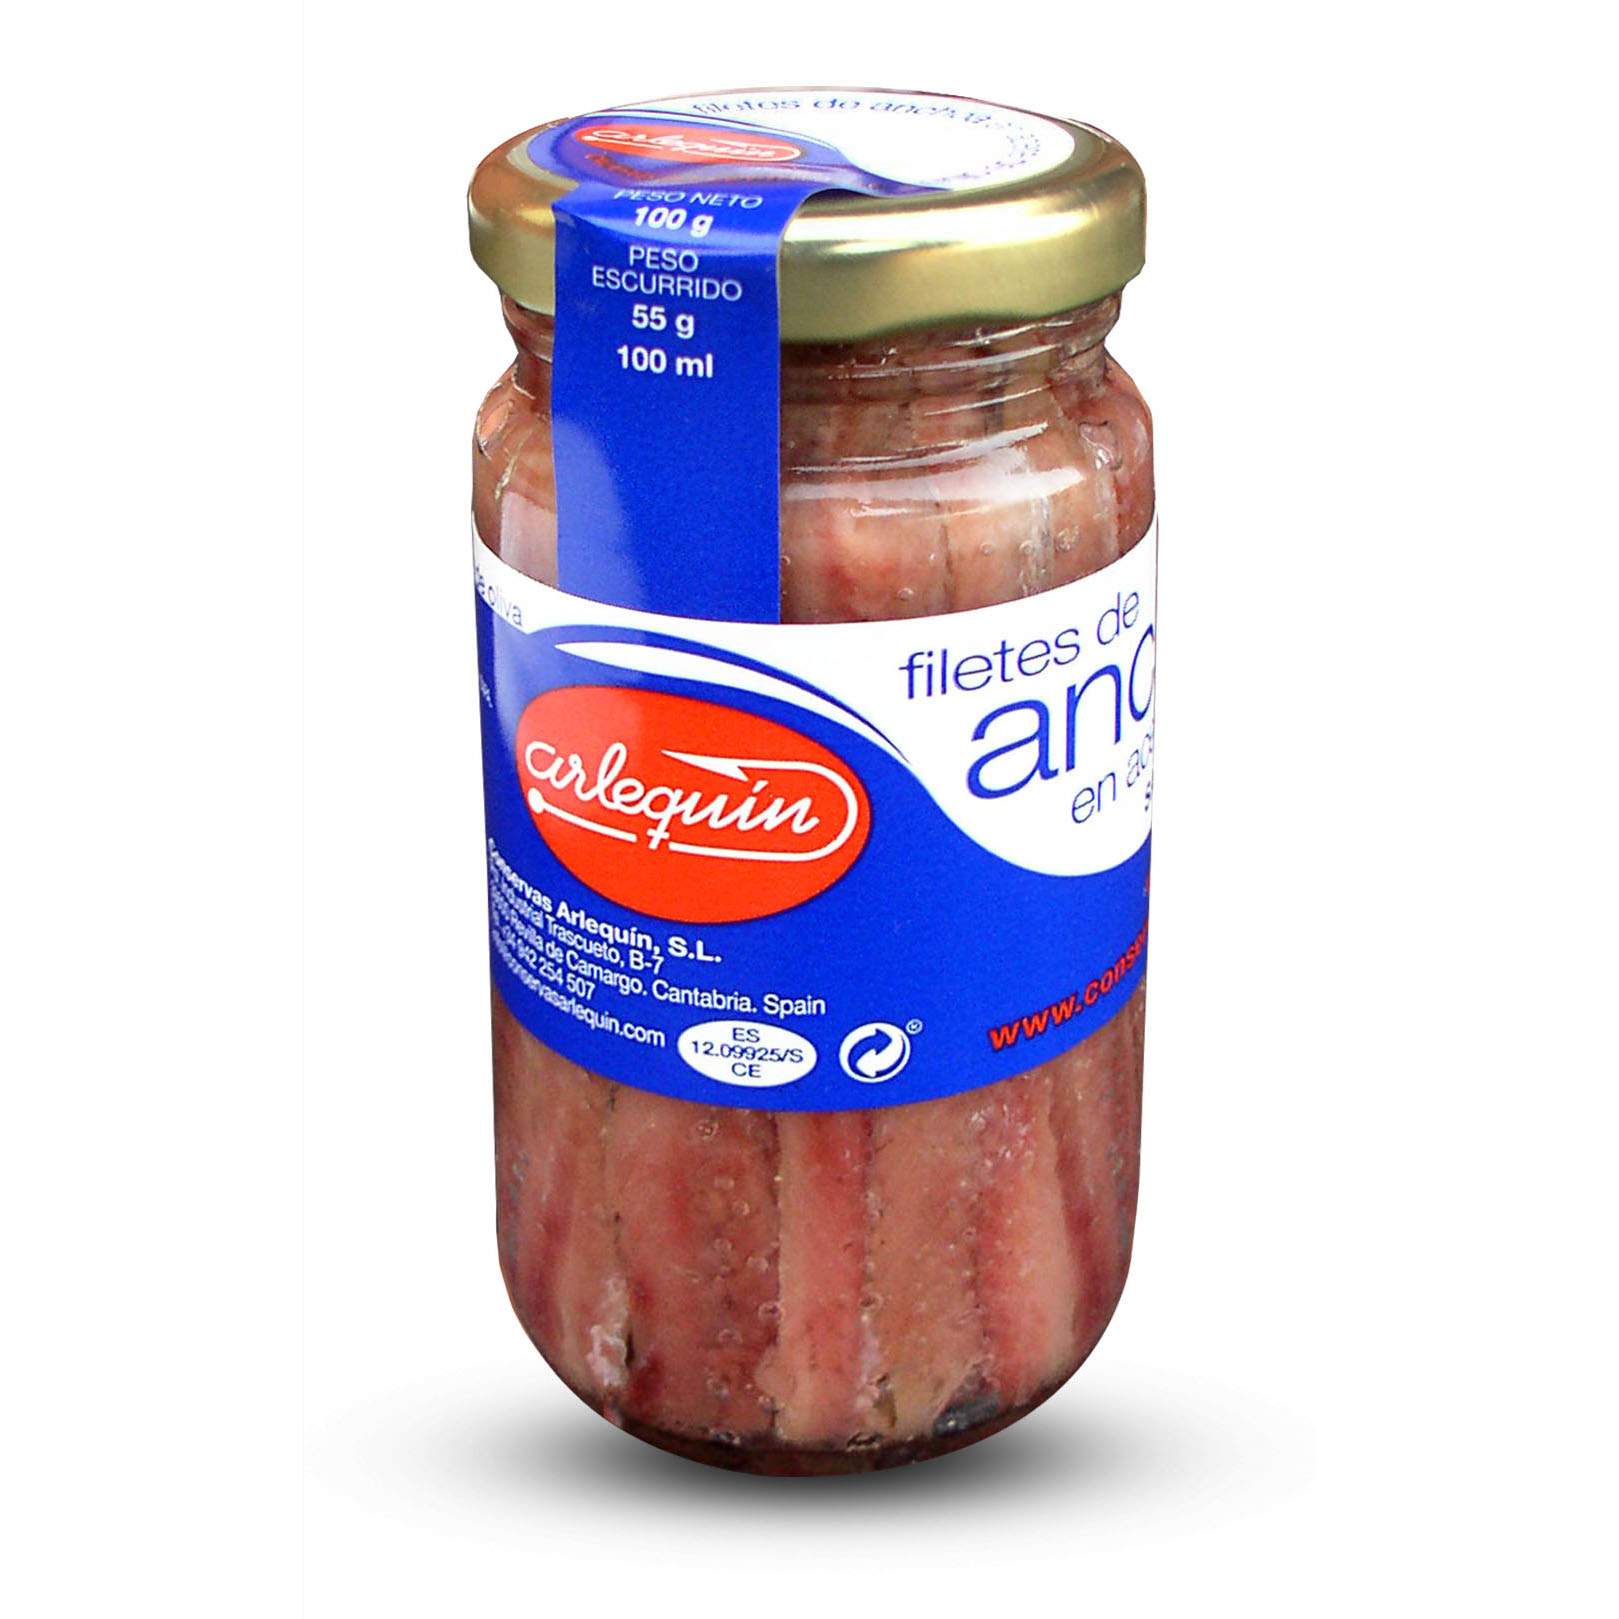 Anchoas - Conservas Arlequín